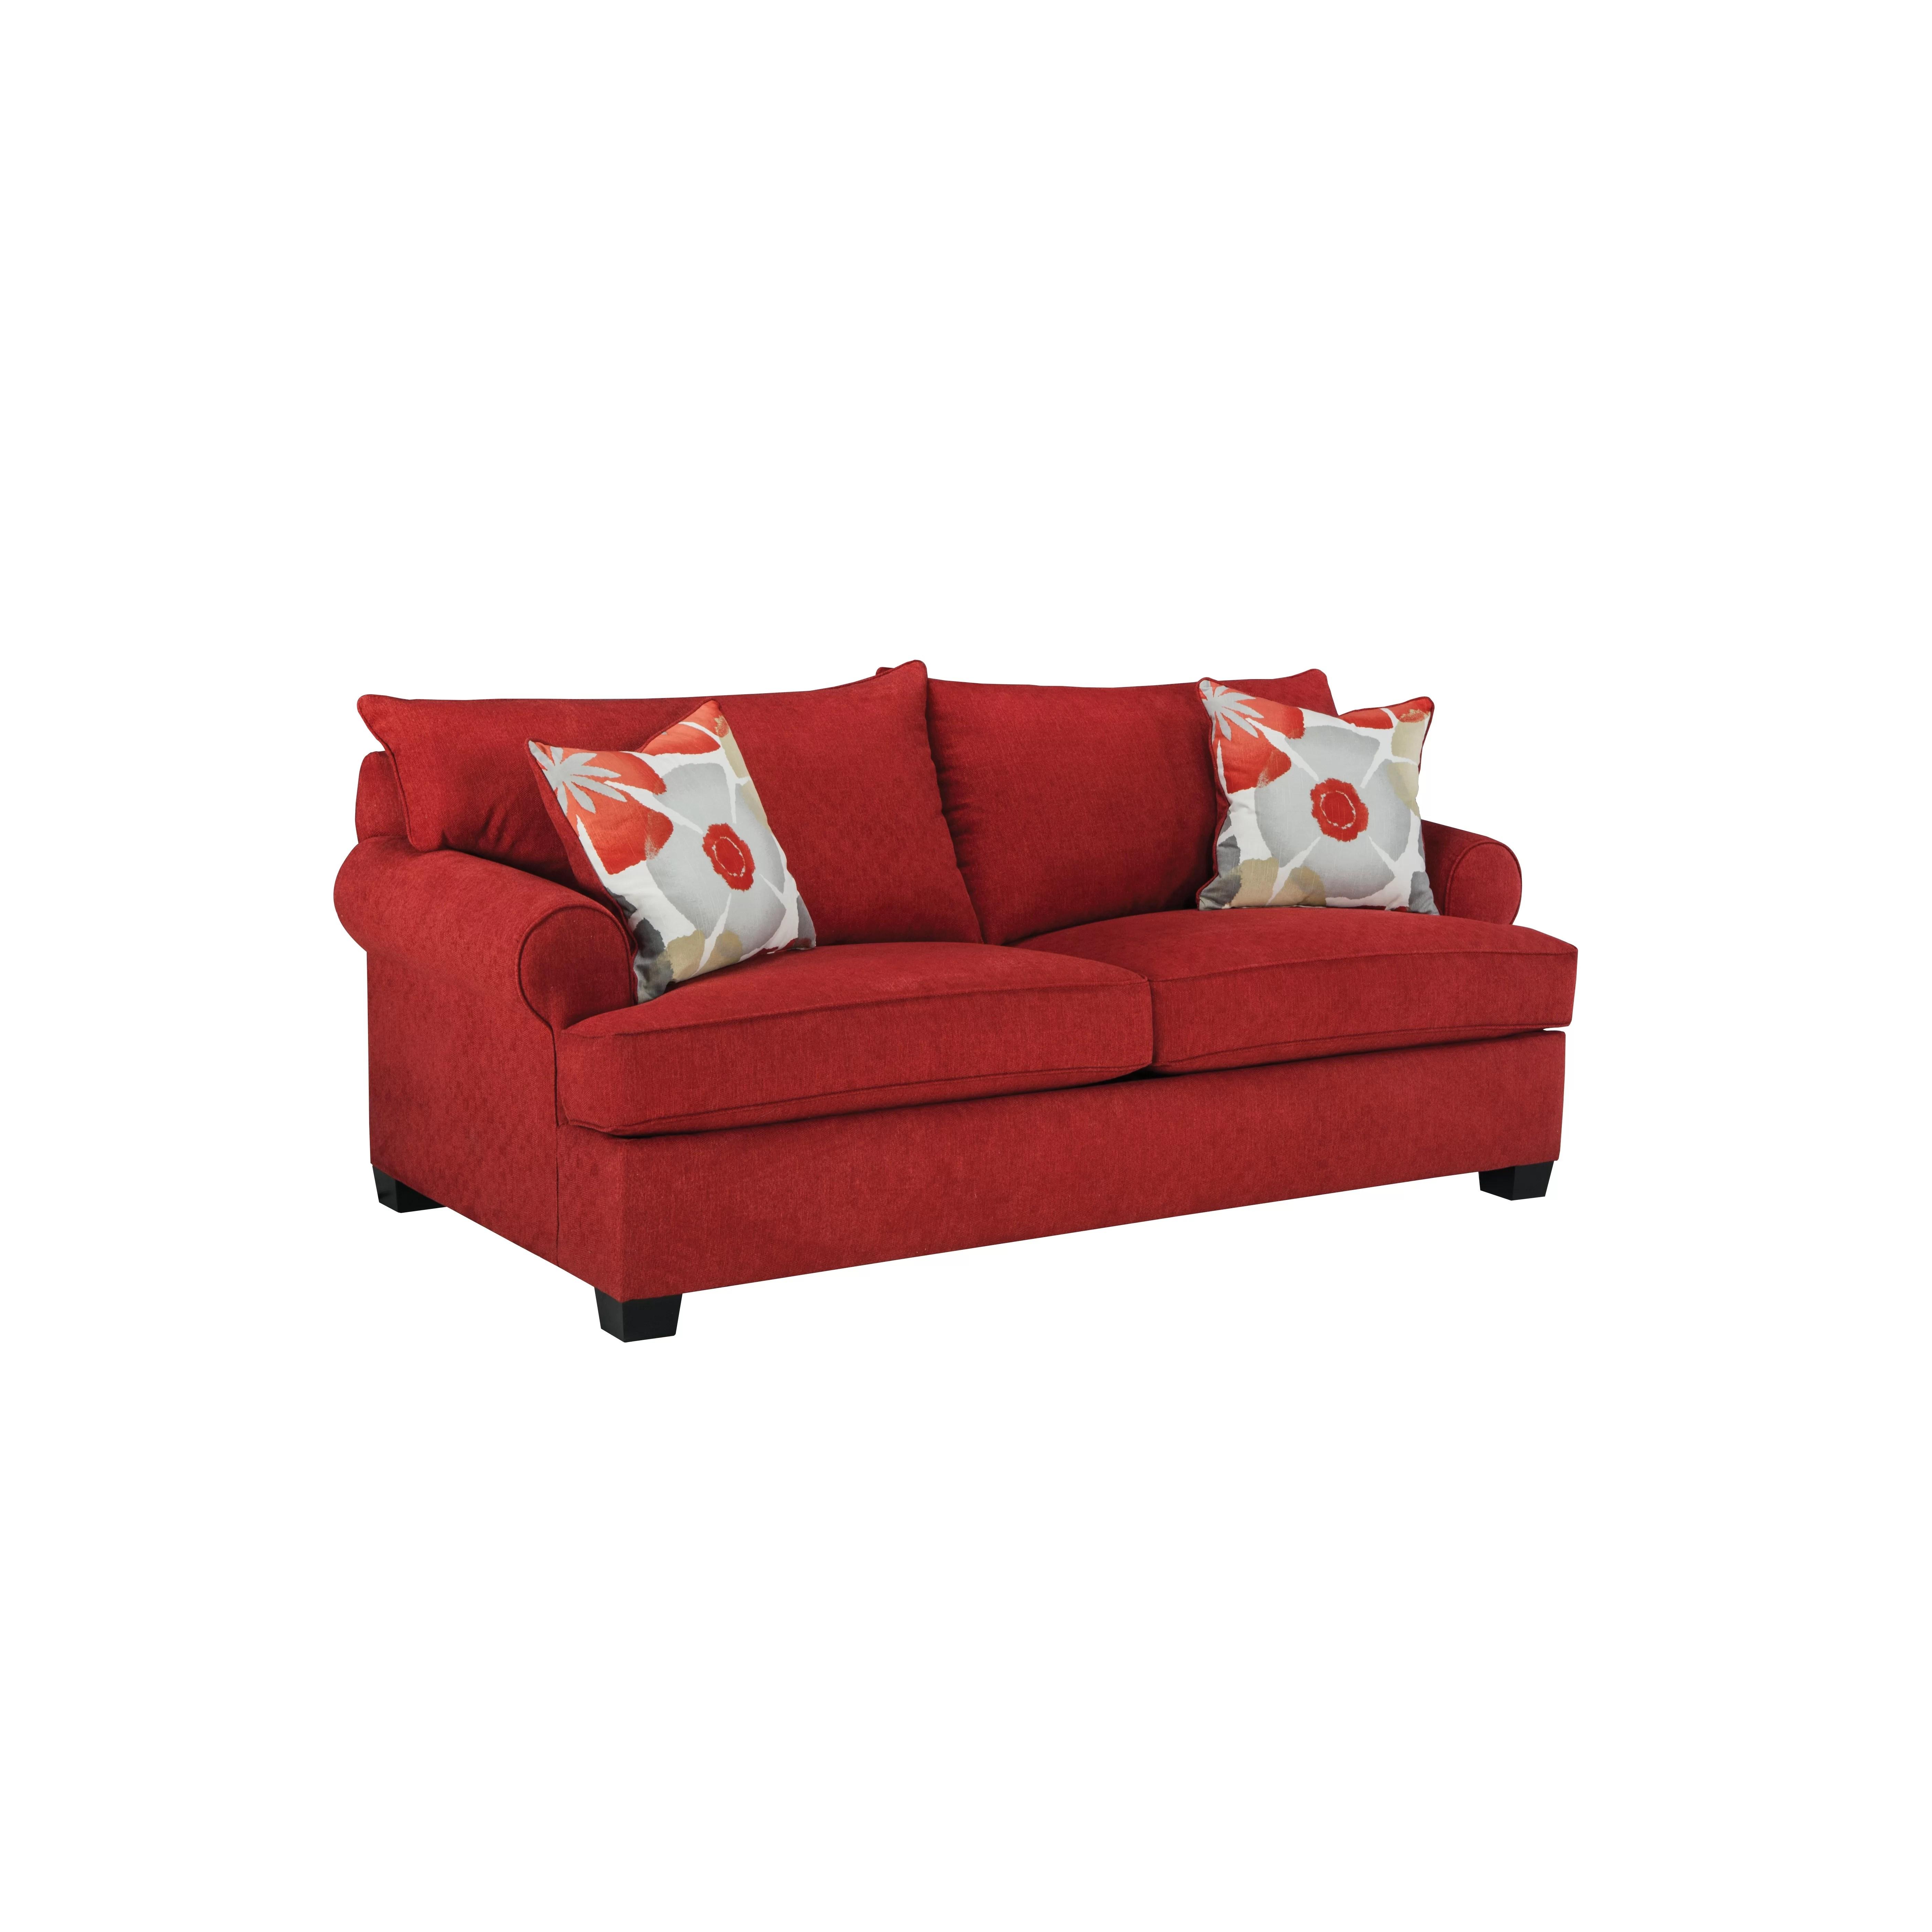 queen sleeper sofa rooms to go velvet for sale in ireland overnight wayfair